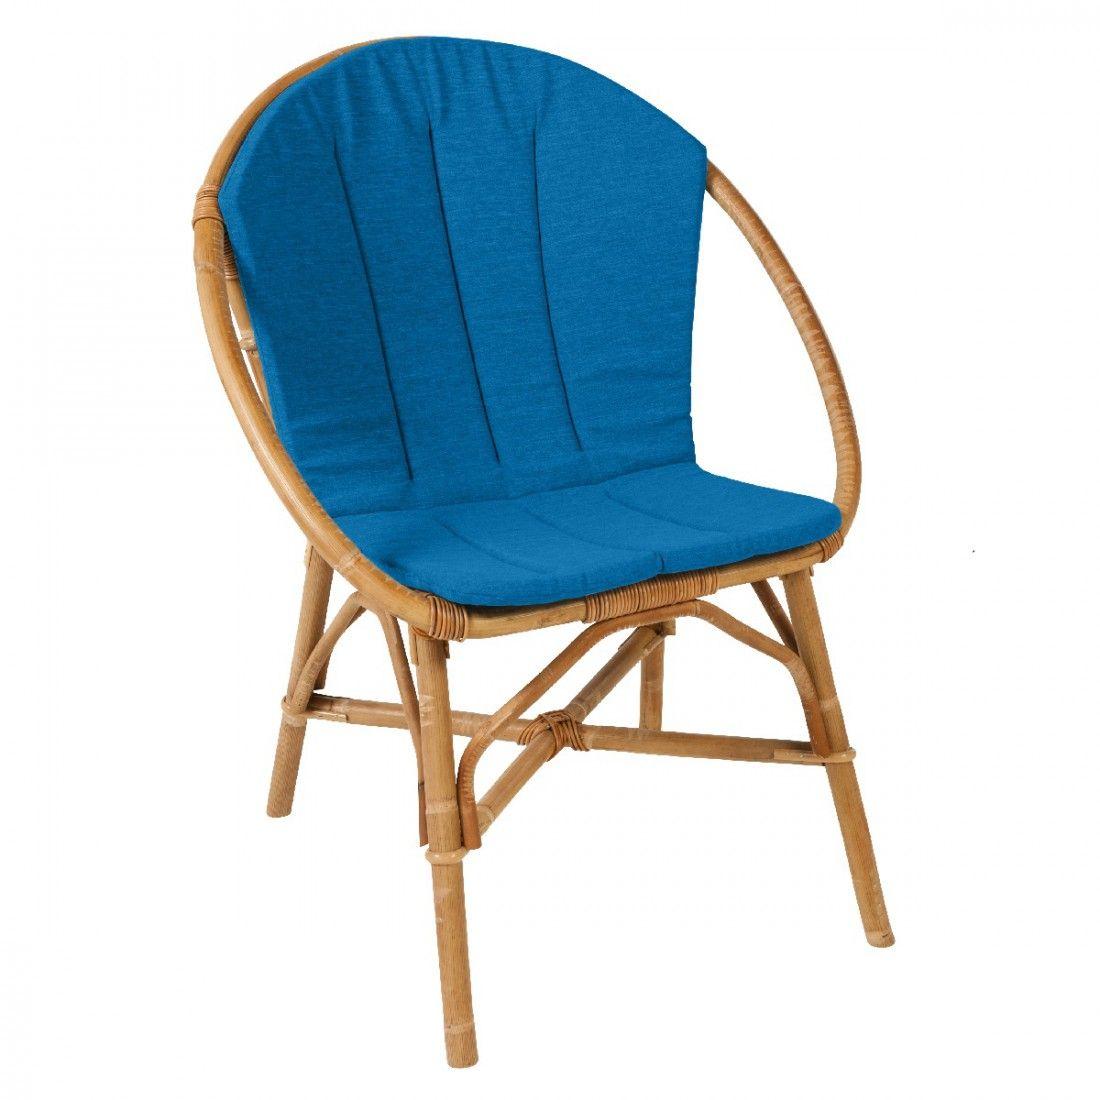 Pour Fauteuil Outdoor Chairs Rotin Salon Coussin En BrunoAu SUMzVp